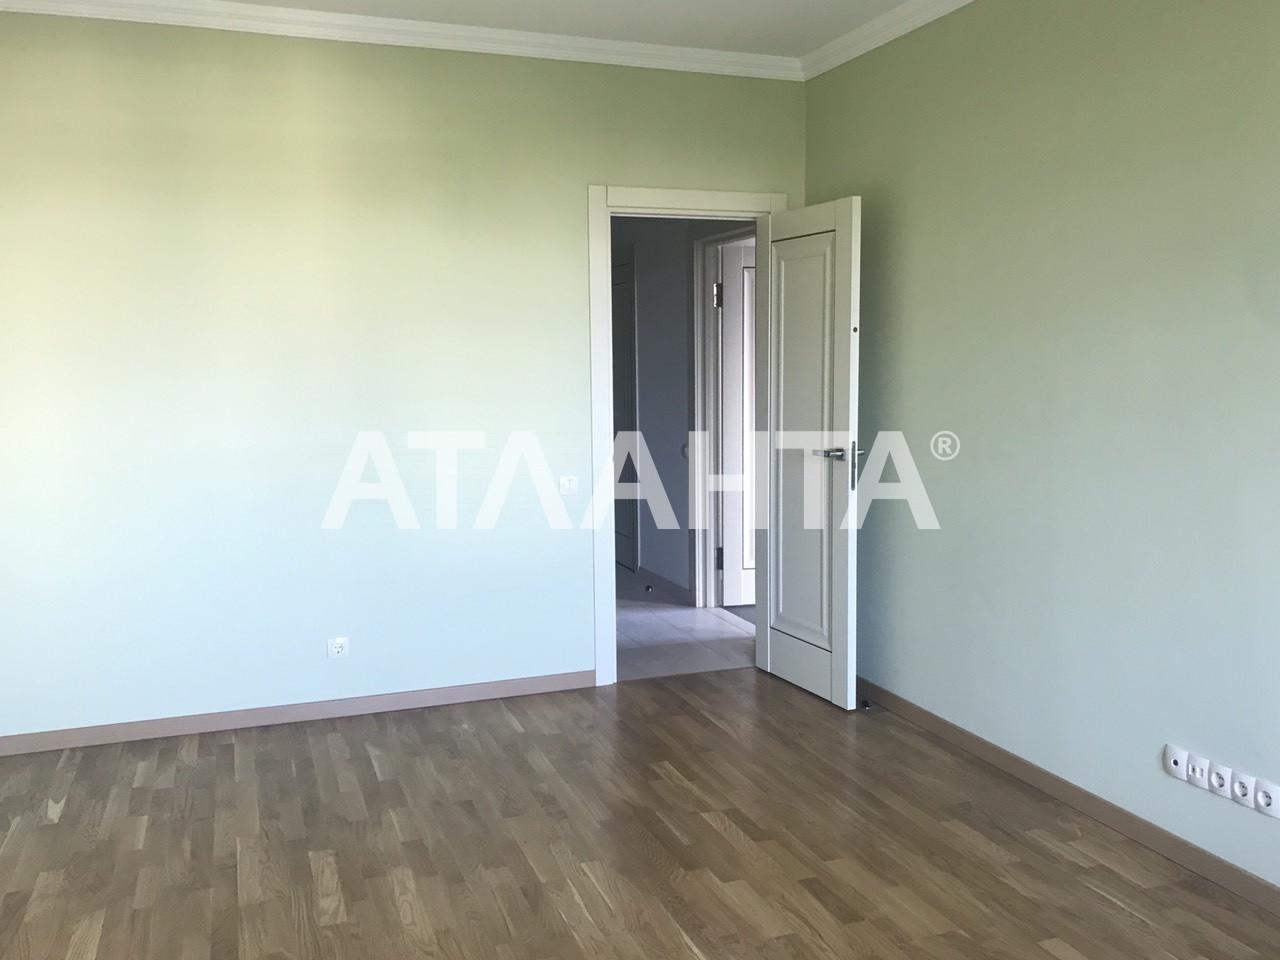 Продается 3-комнатная Квартира на ул. Ул. Белорусская — 158 000 у.е. (фото №5)